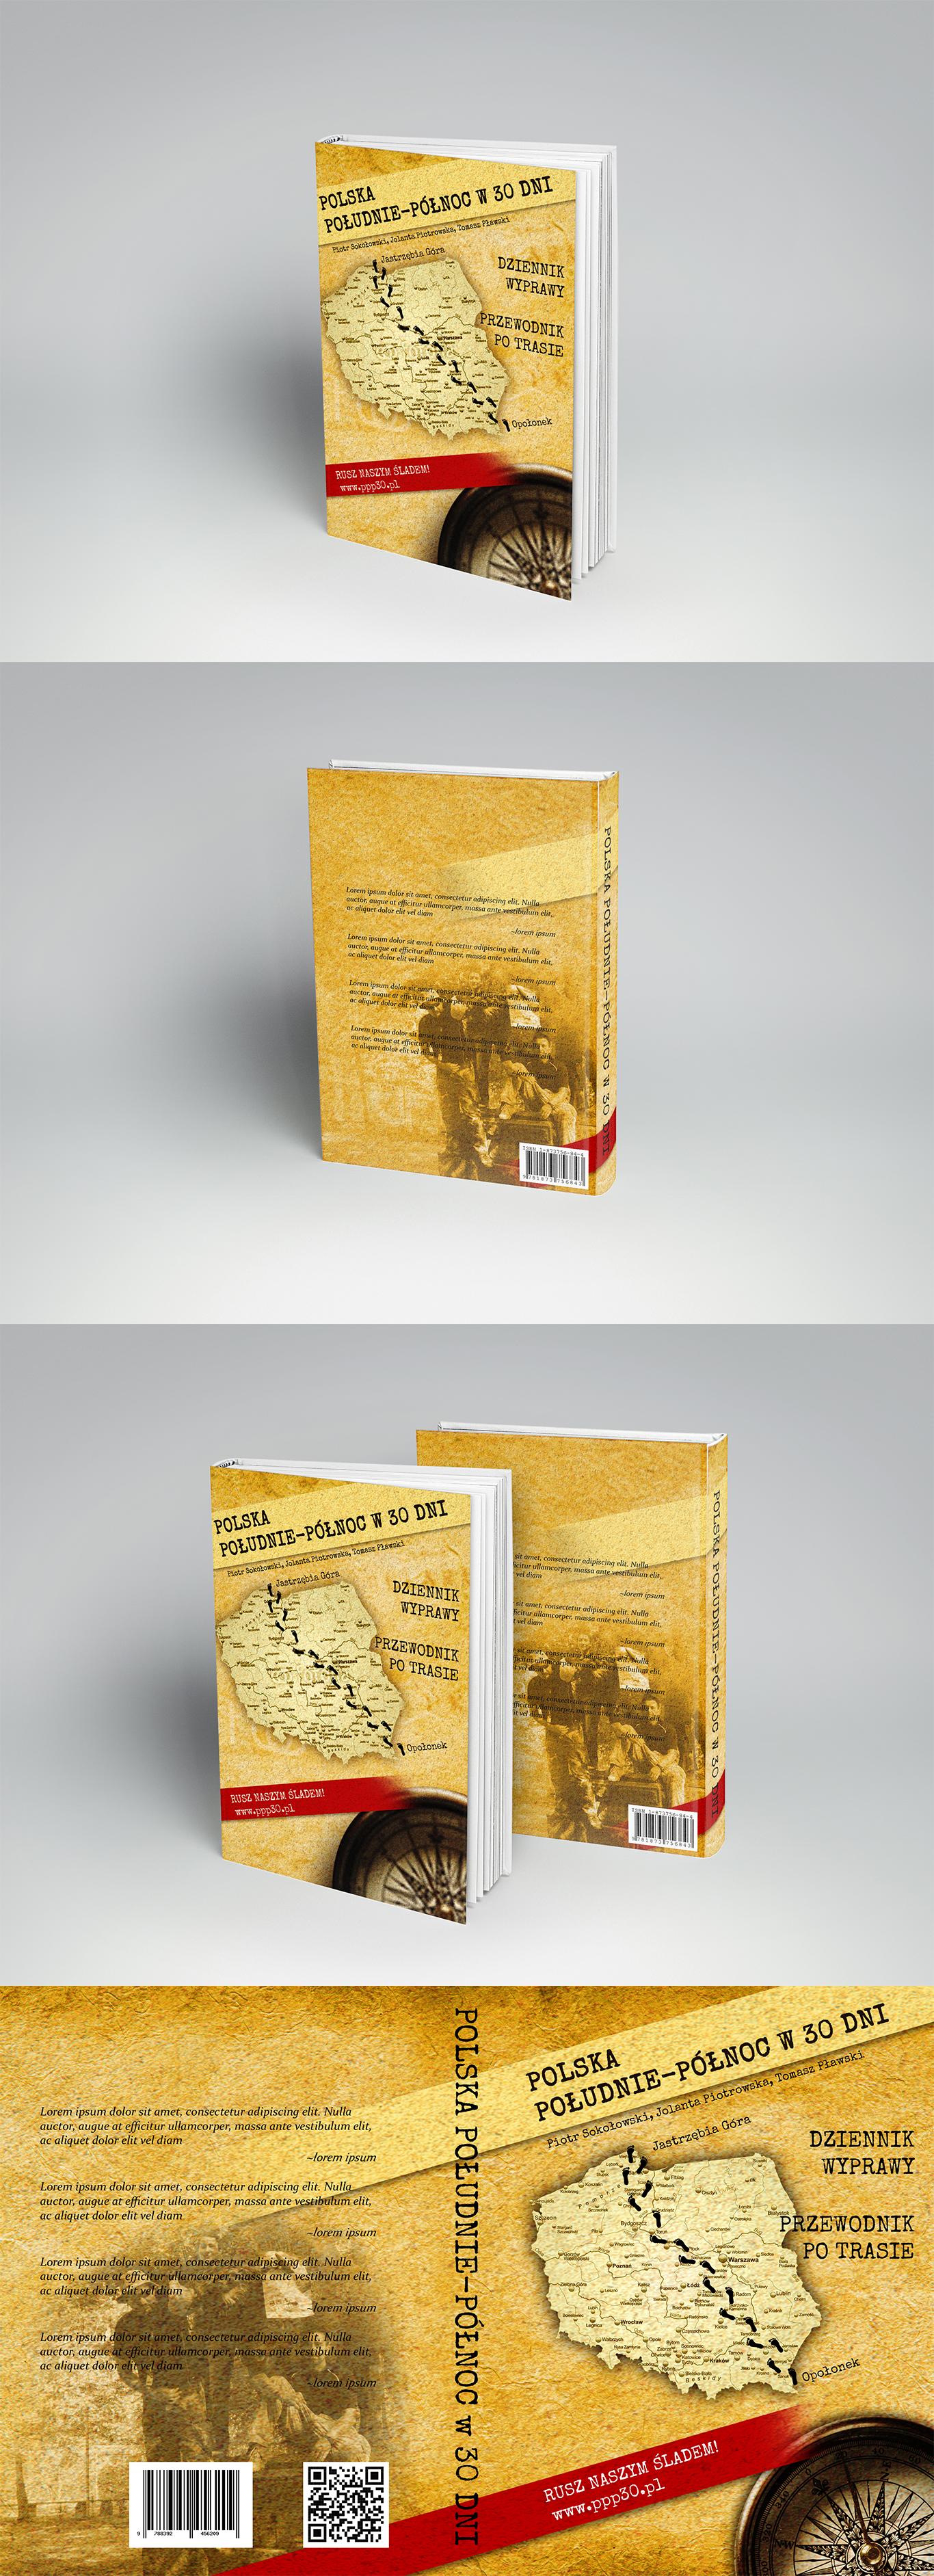 Projekt okładki książki opisującej podróż pieszo przez polskę.